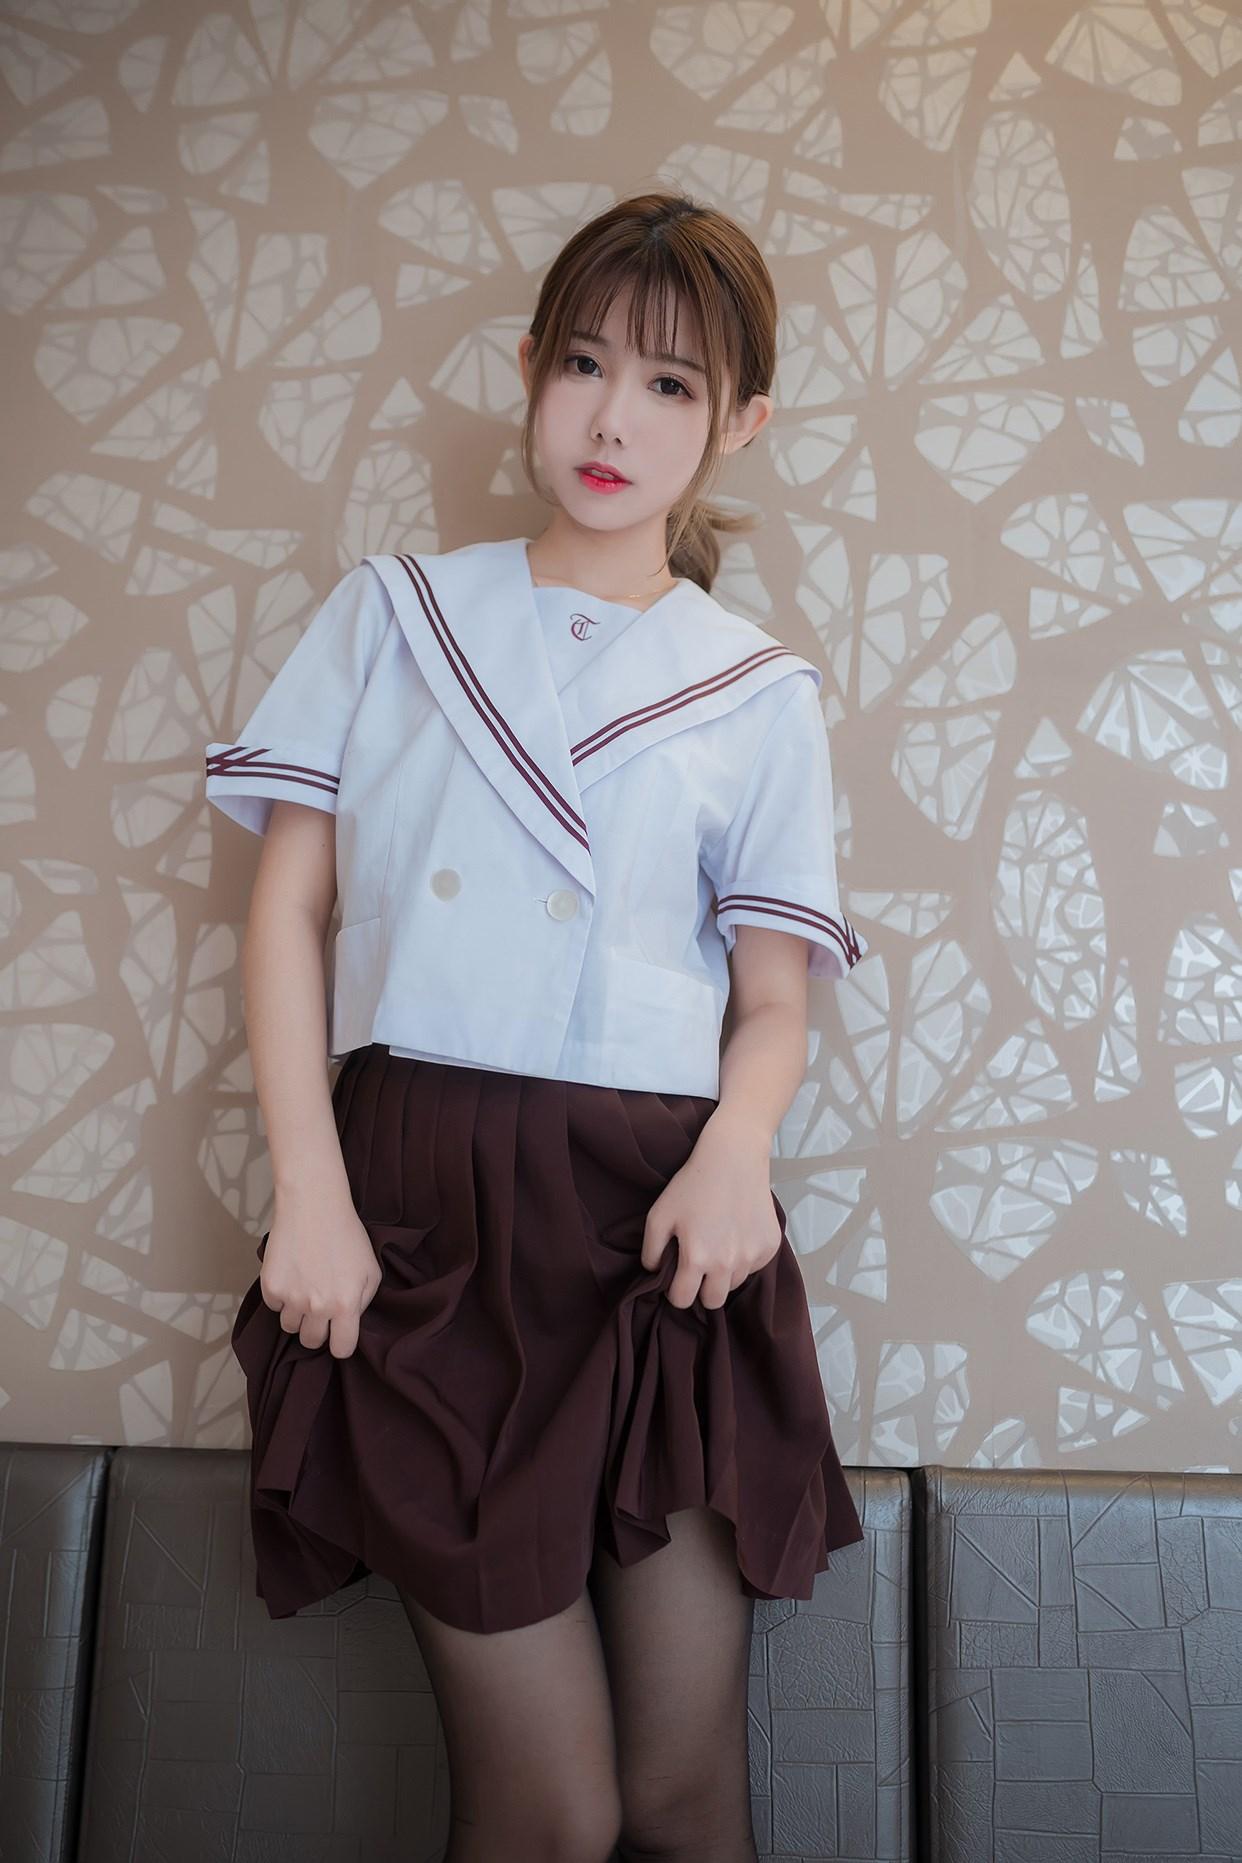 【兔玩映画】黑丝jk少女 兔玩映画 第14张